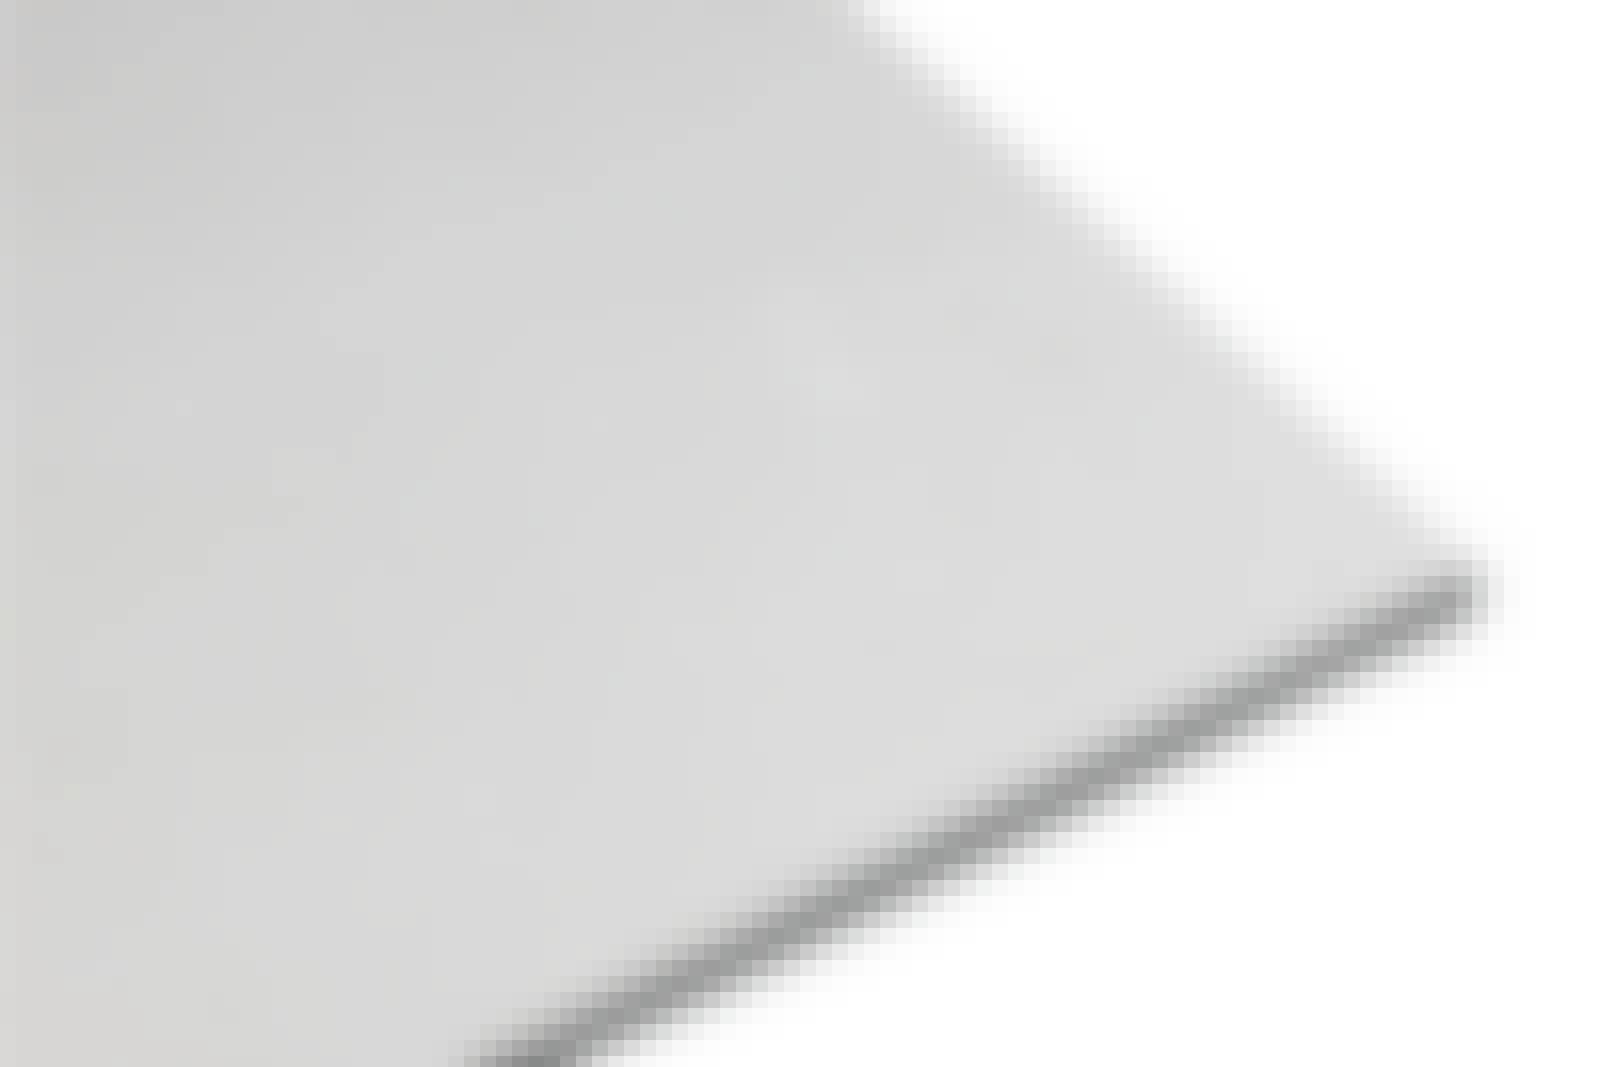 Byggeplater av gips: Platene er enkle å montere på et skjelett av enten tre eller stål.